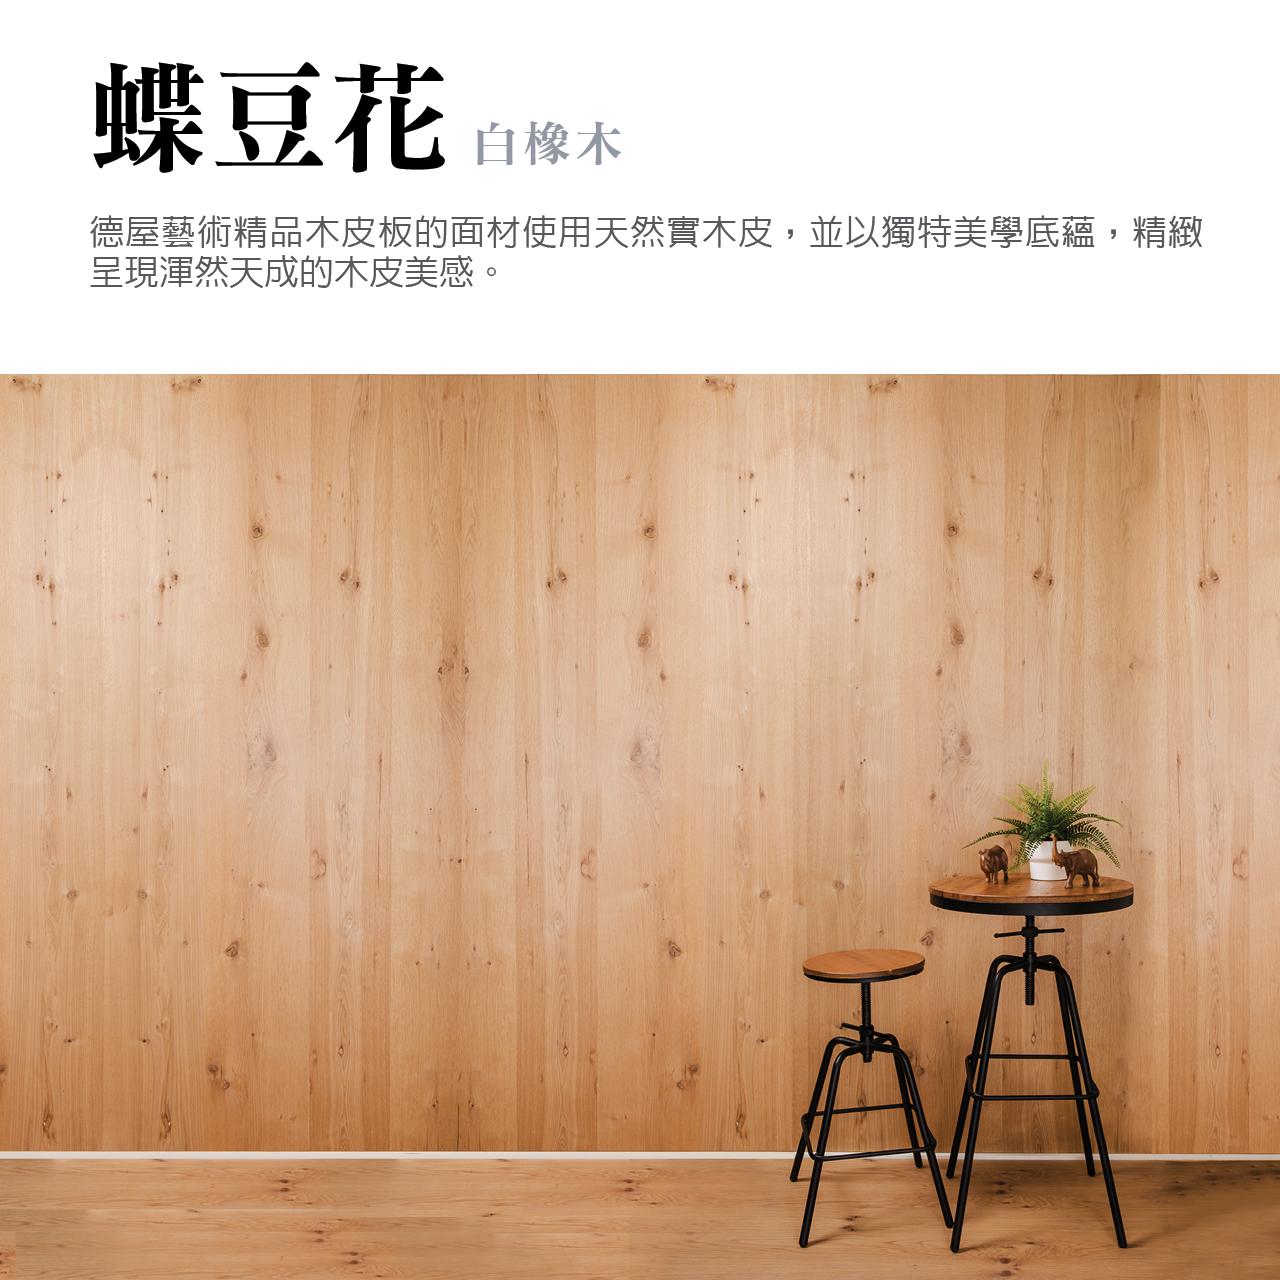 德屋藝術精品木皮板的面材使用天然實木皮,並以獨特美學底蘊, 精緻呈現渾然天成的木皮美感。